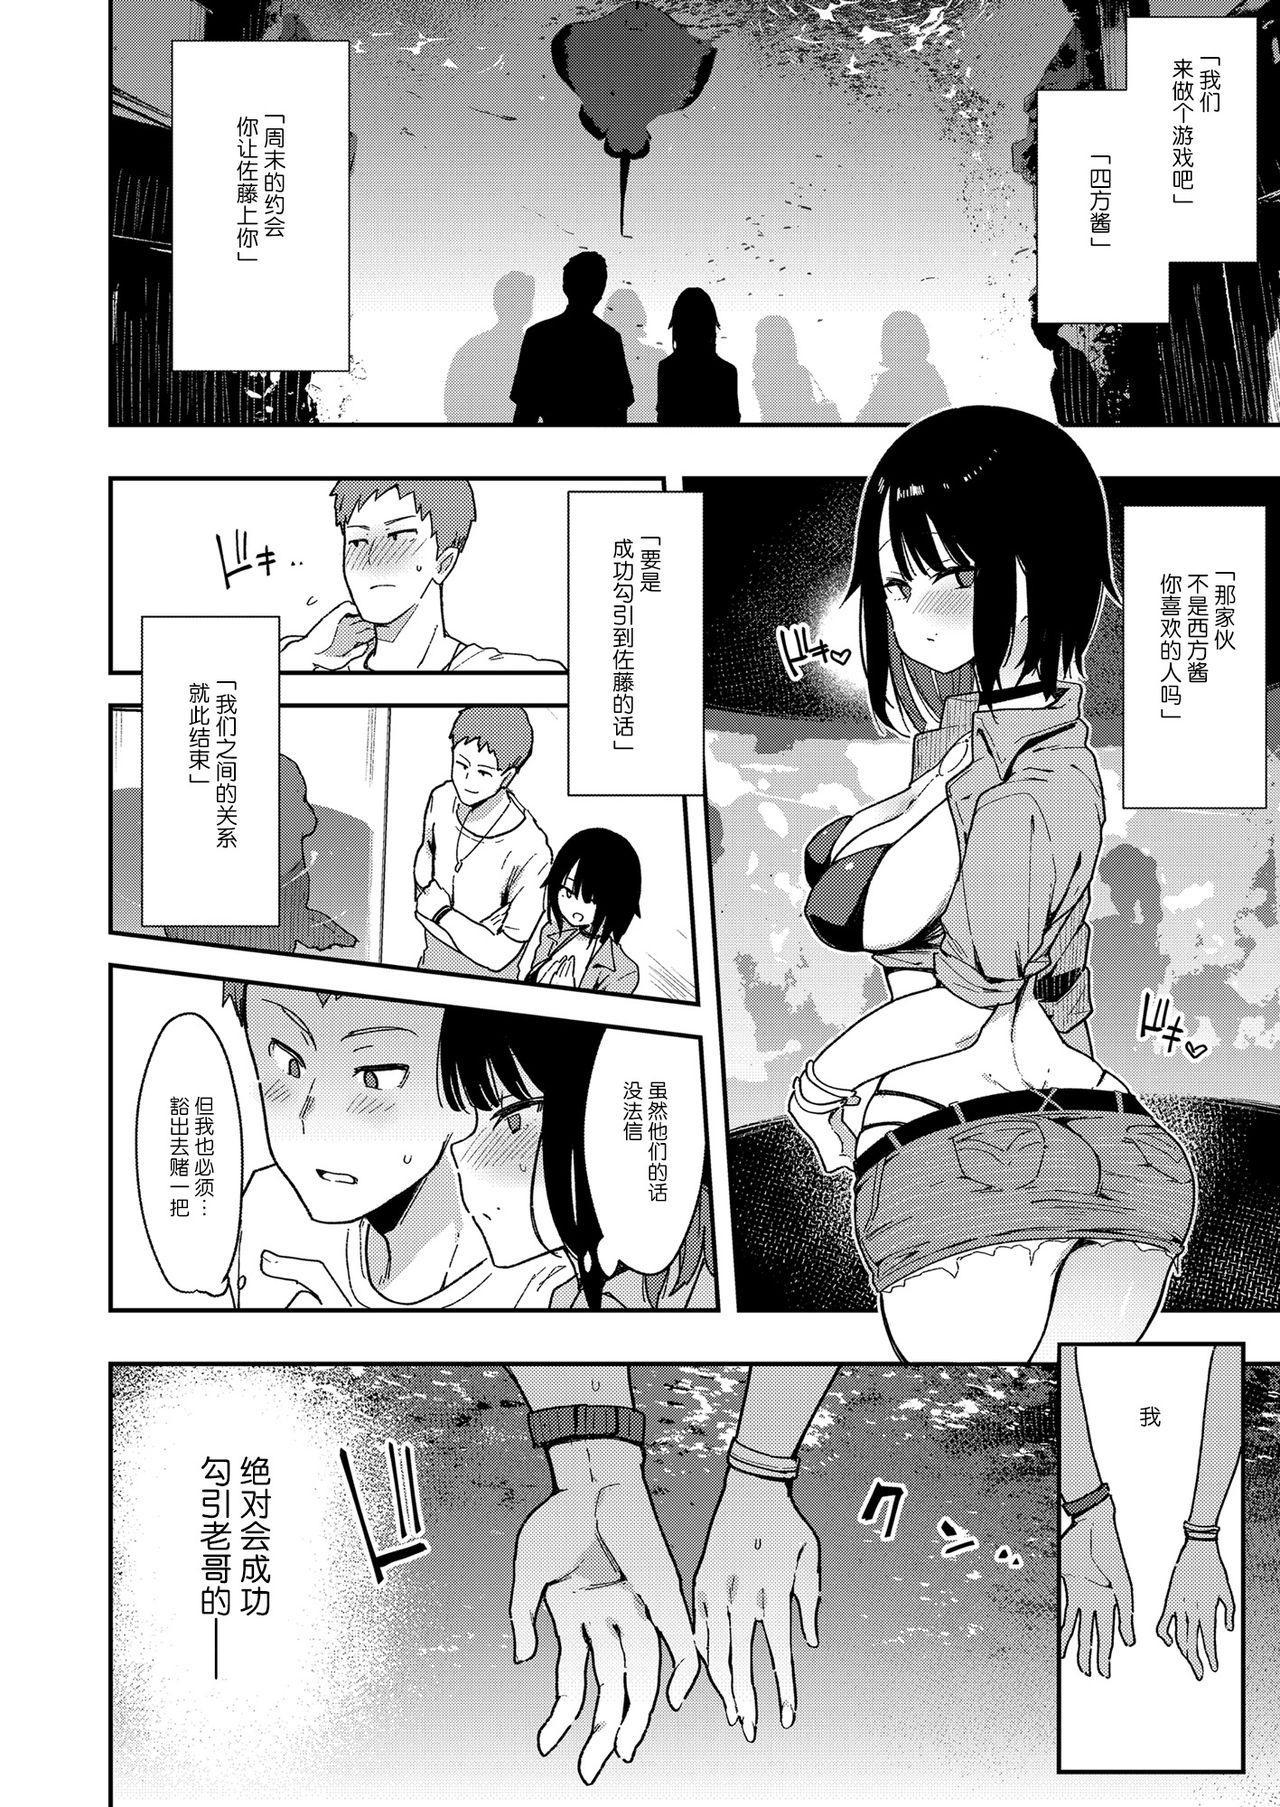 Chouko III Akuyuu Ijou Koibito Miman no Osananajimi ga Shiranai Tokoro de Yarichin ni Hamerare Seirinri o Kanzen Hakai sareru made 25